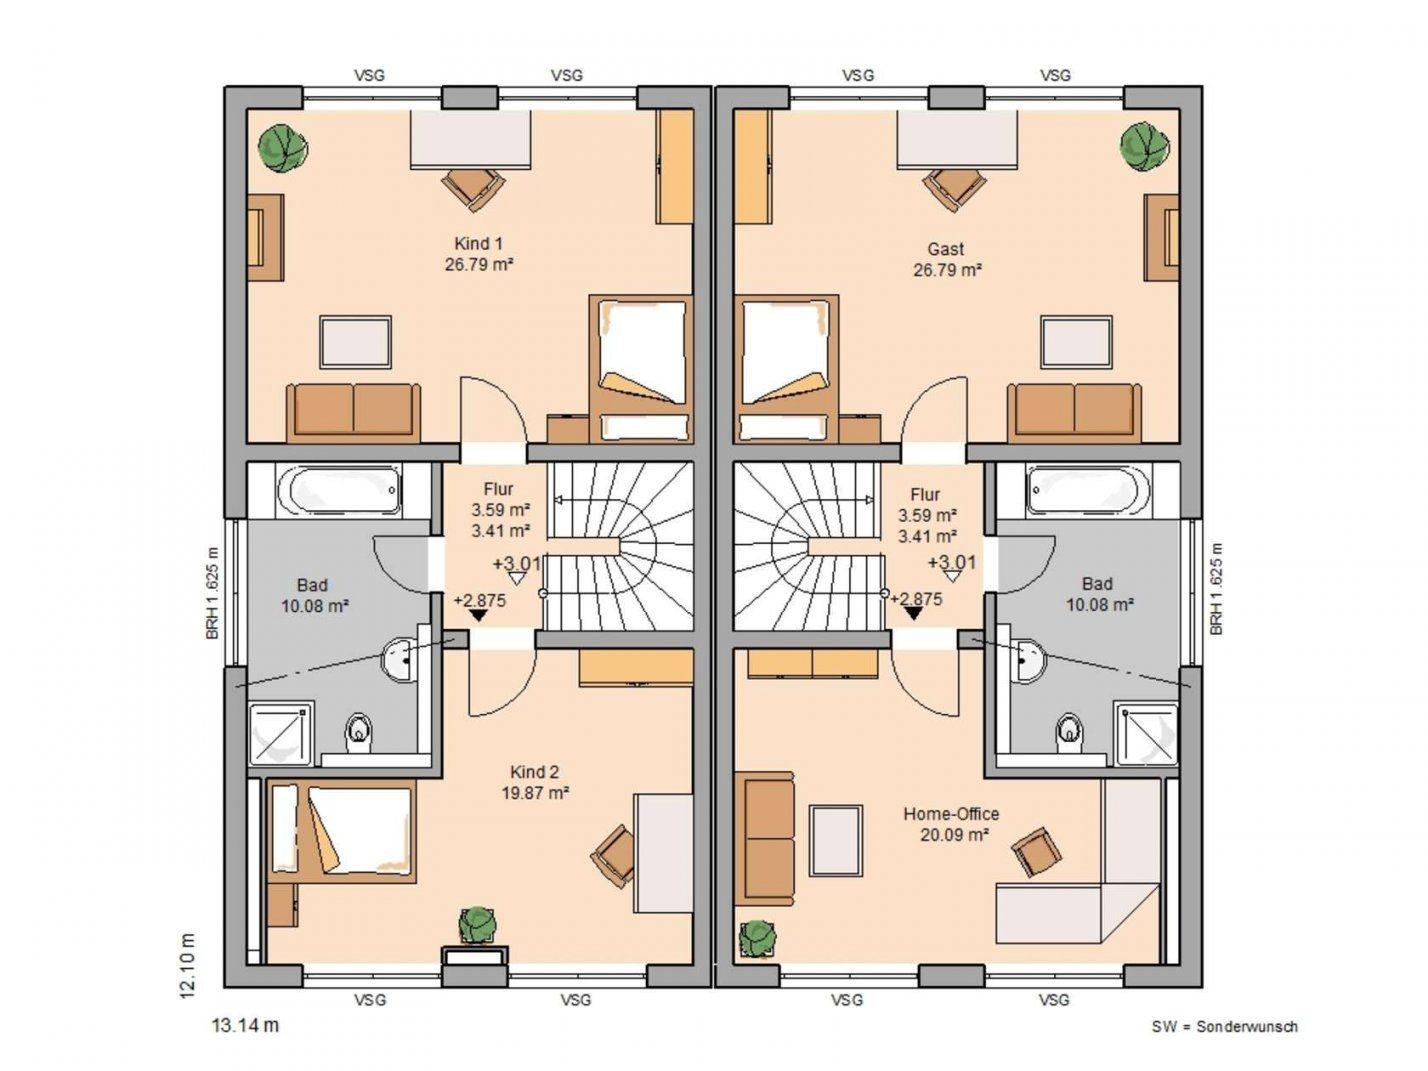 Häuser Mit Grundriss | Kleines Haus Hausplan Grundriss Home In 2018 ...